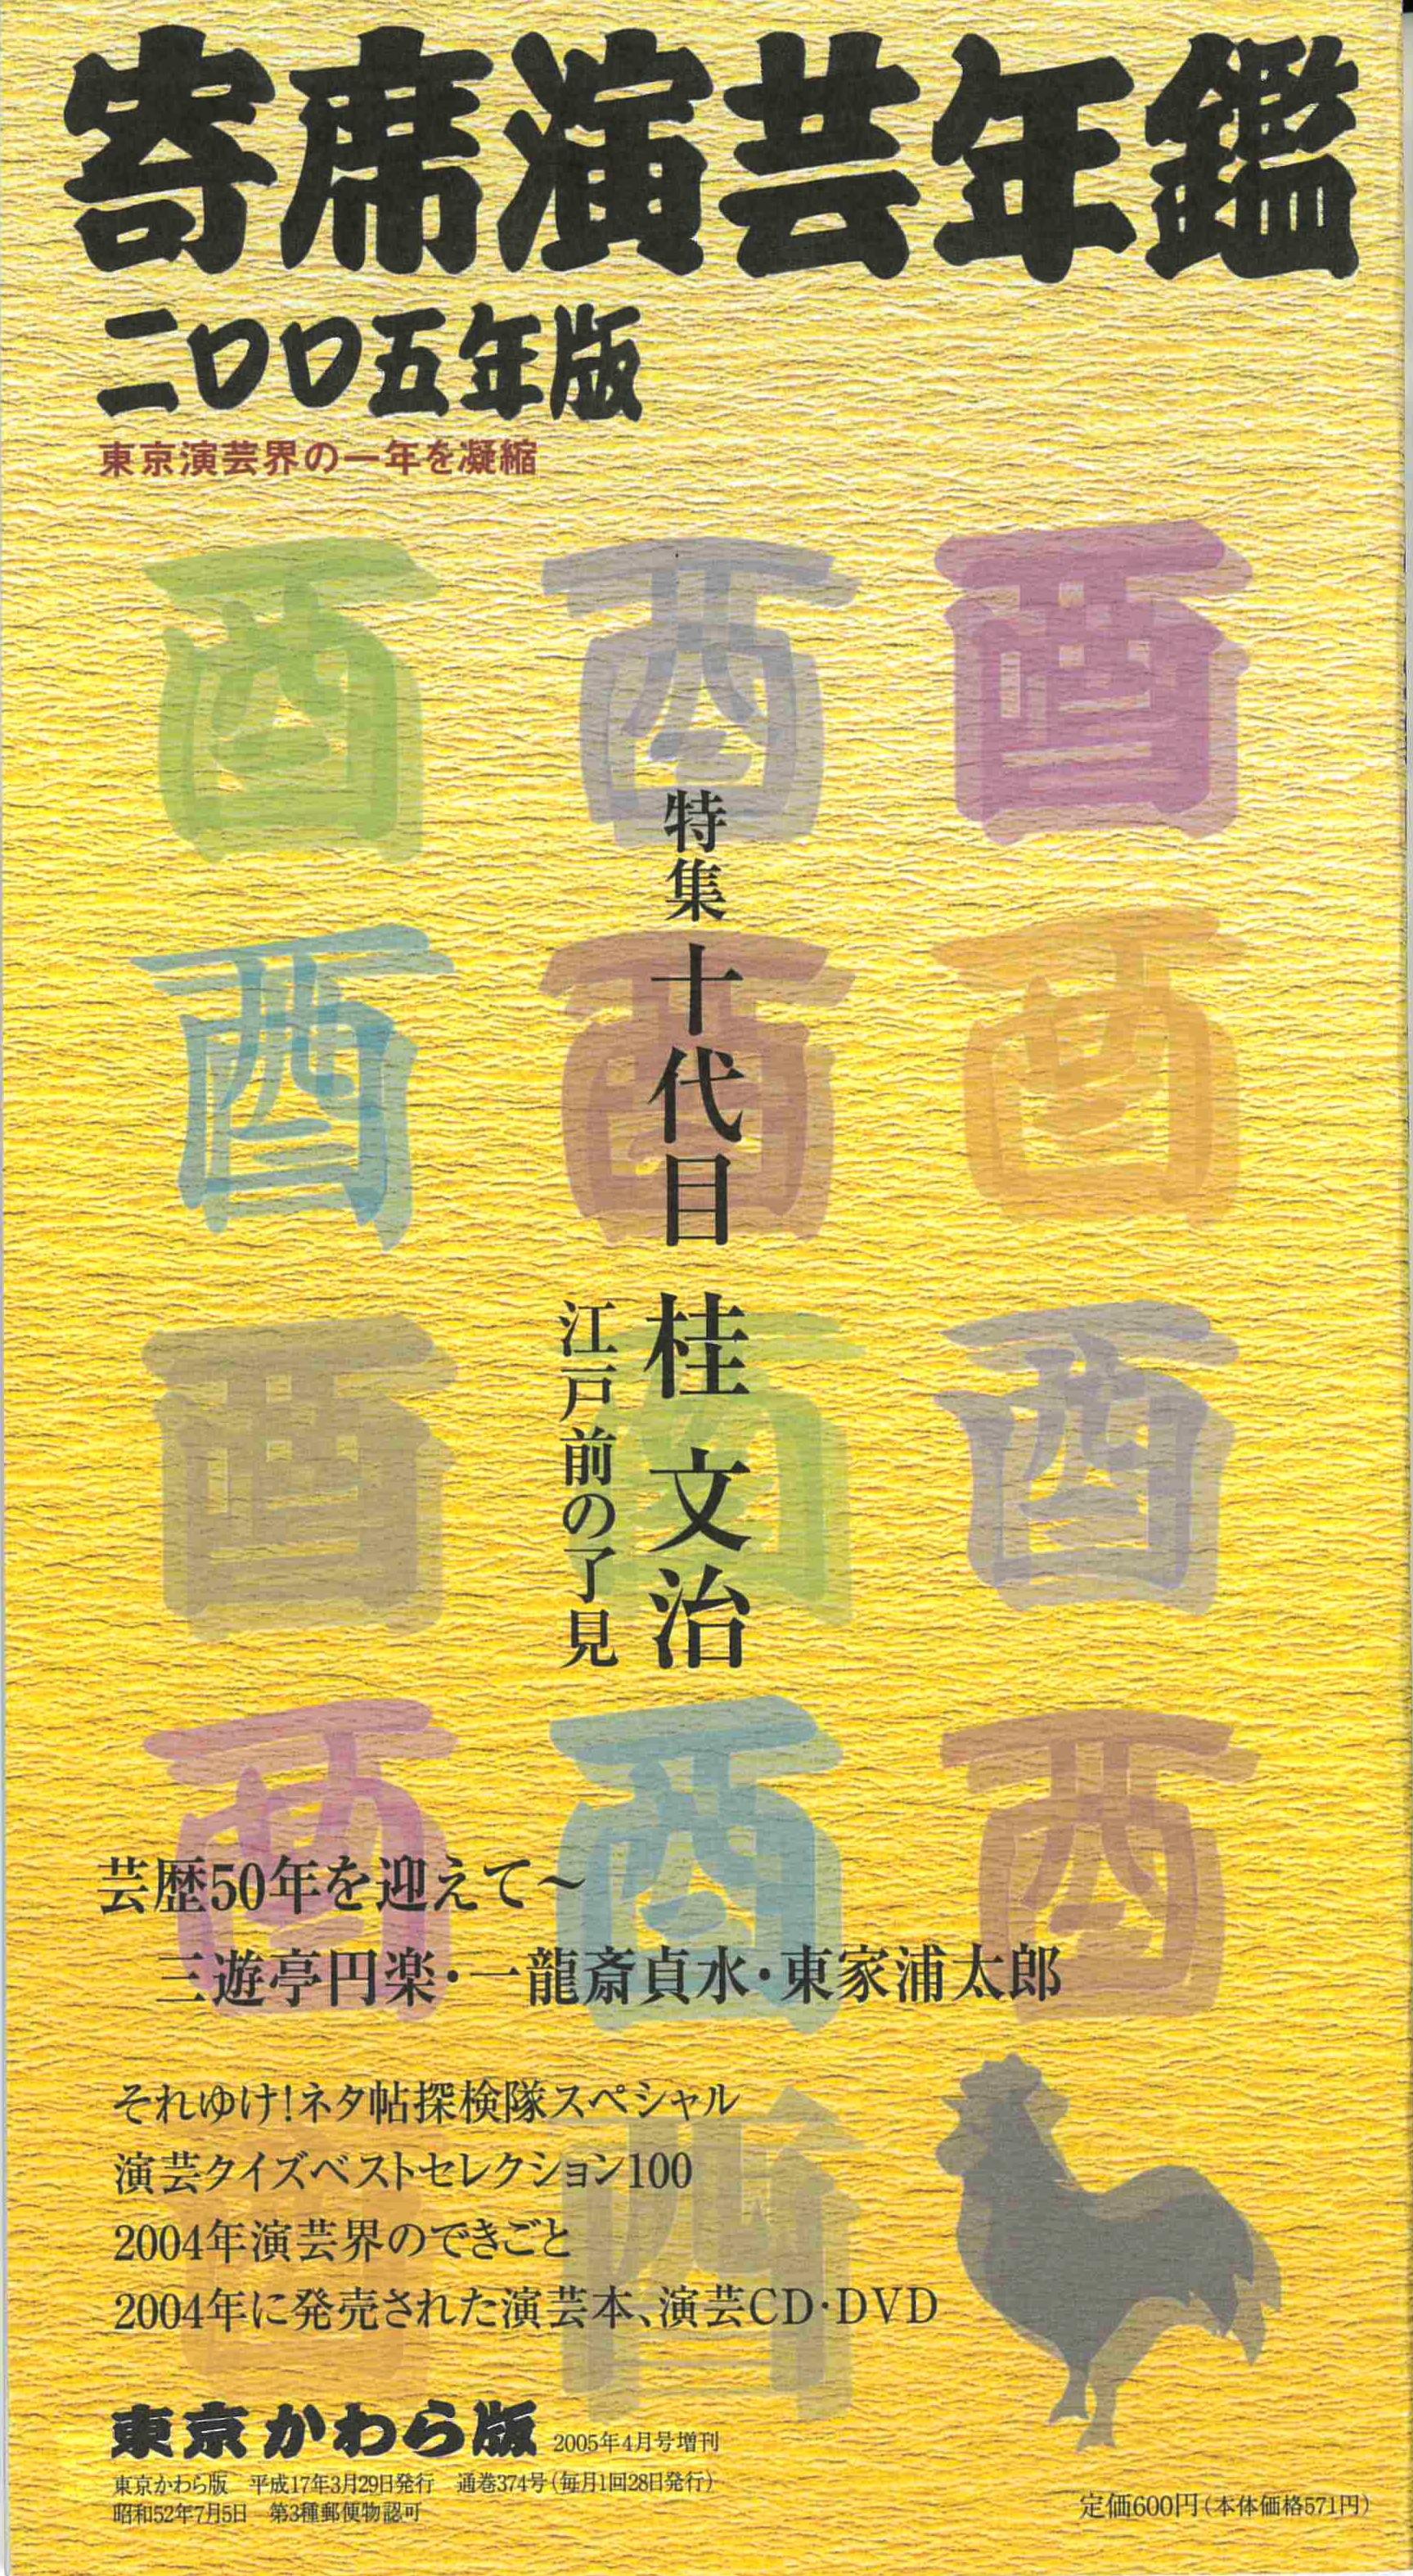 【完売御礼】寄席演芸年鑑 2005年版 ※名鑑は載ってません